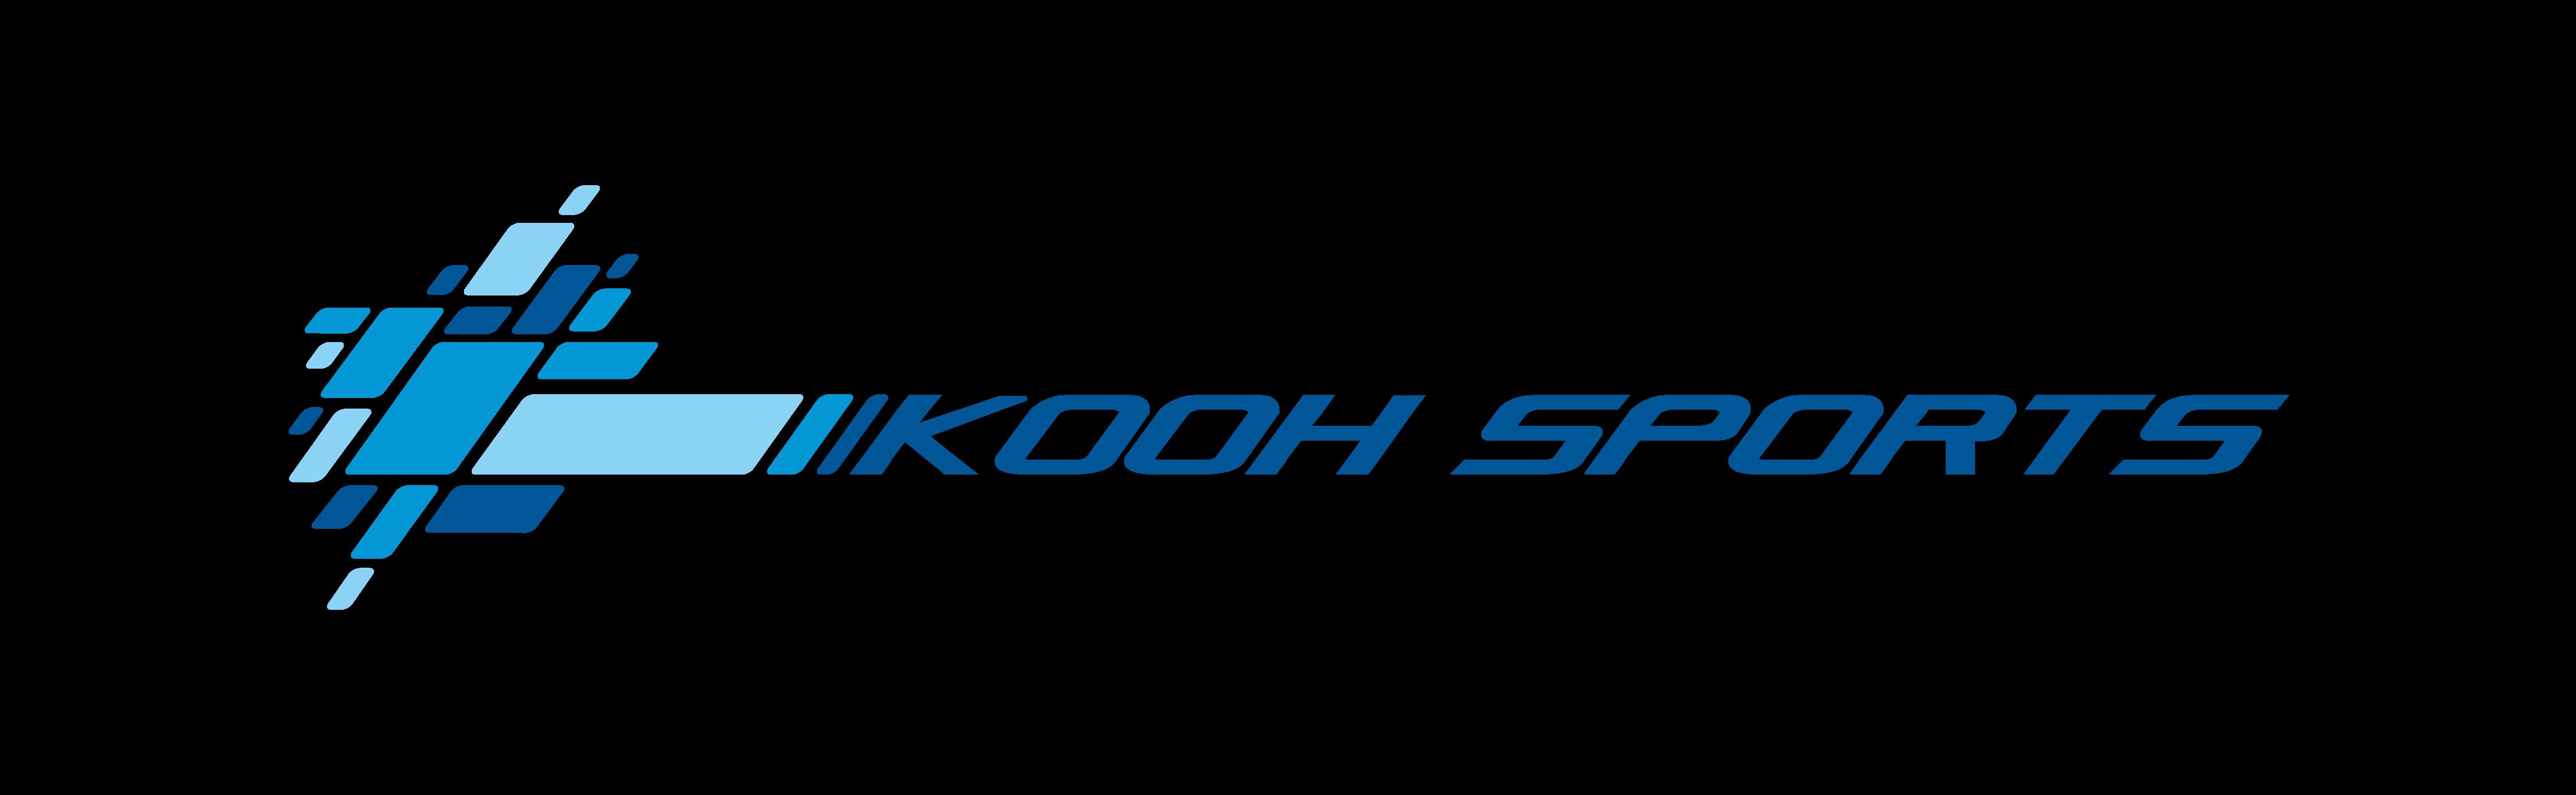 KOOH Sports KreedOn